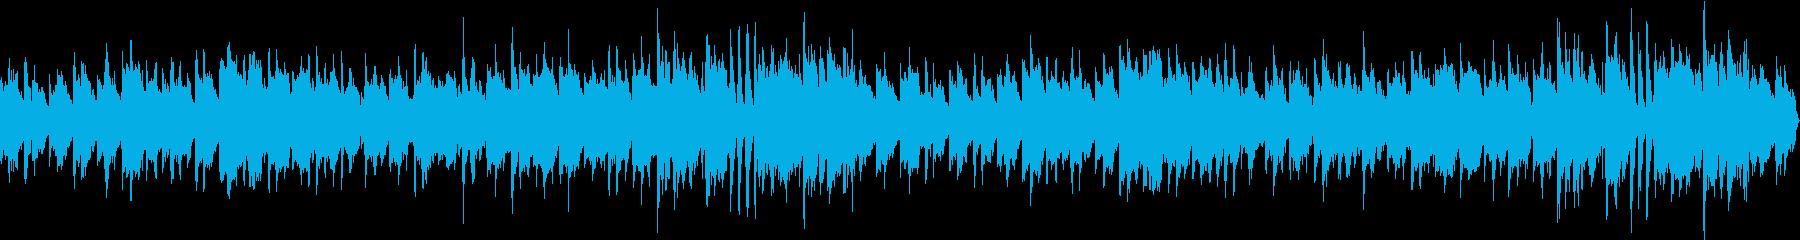 ワクワクするような日常ループBGM の再生済みの波形